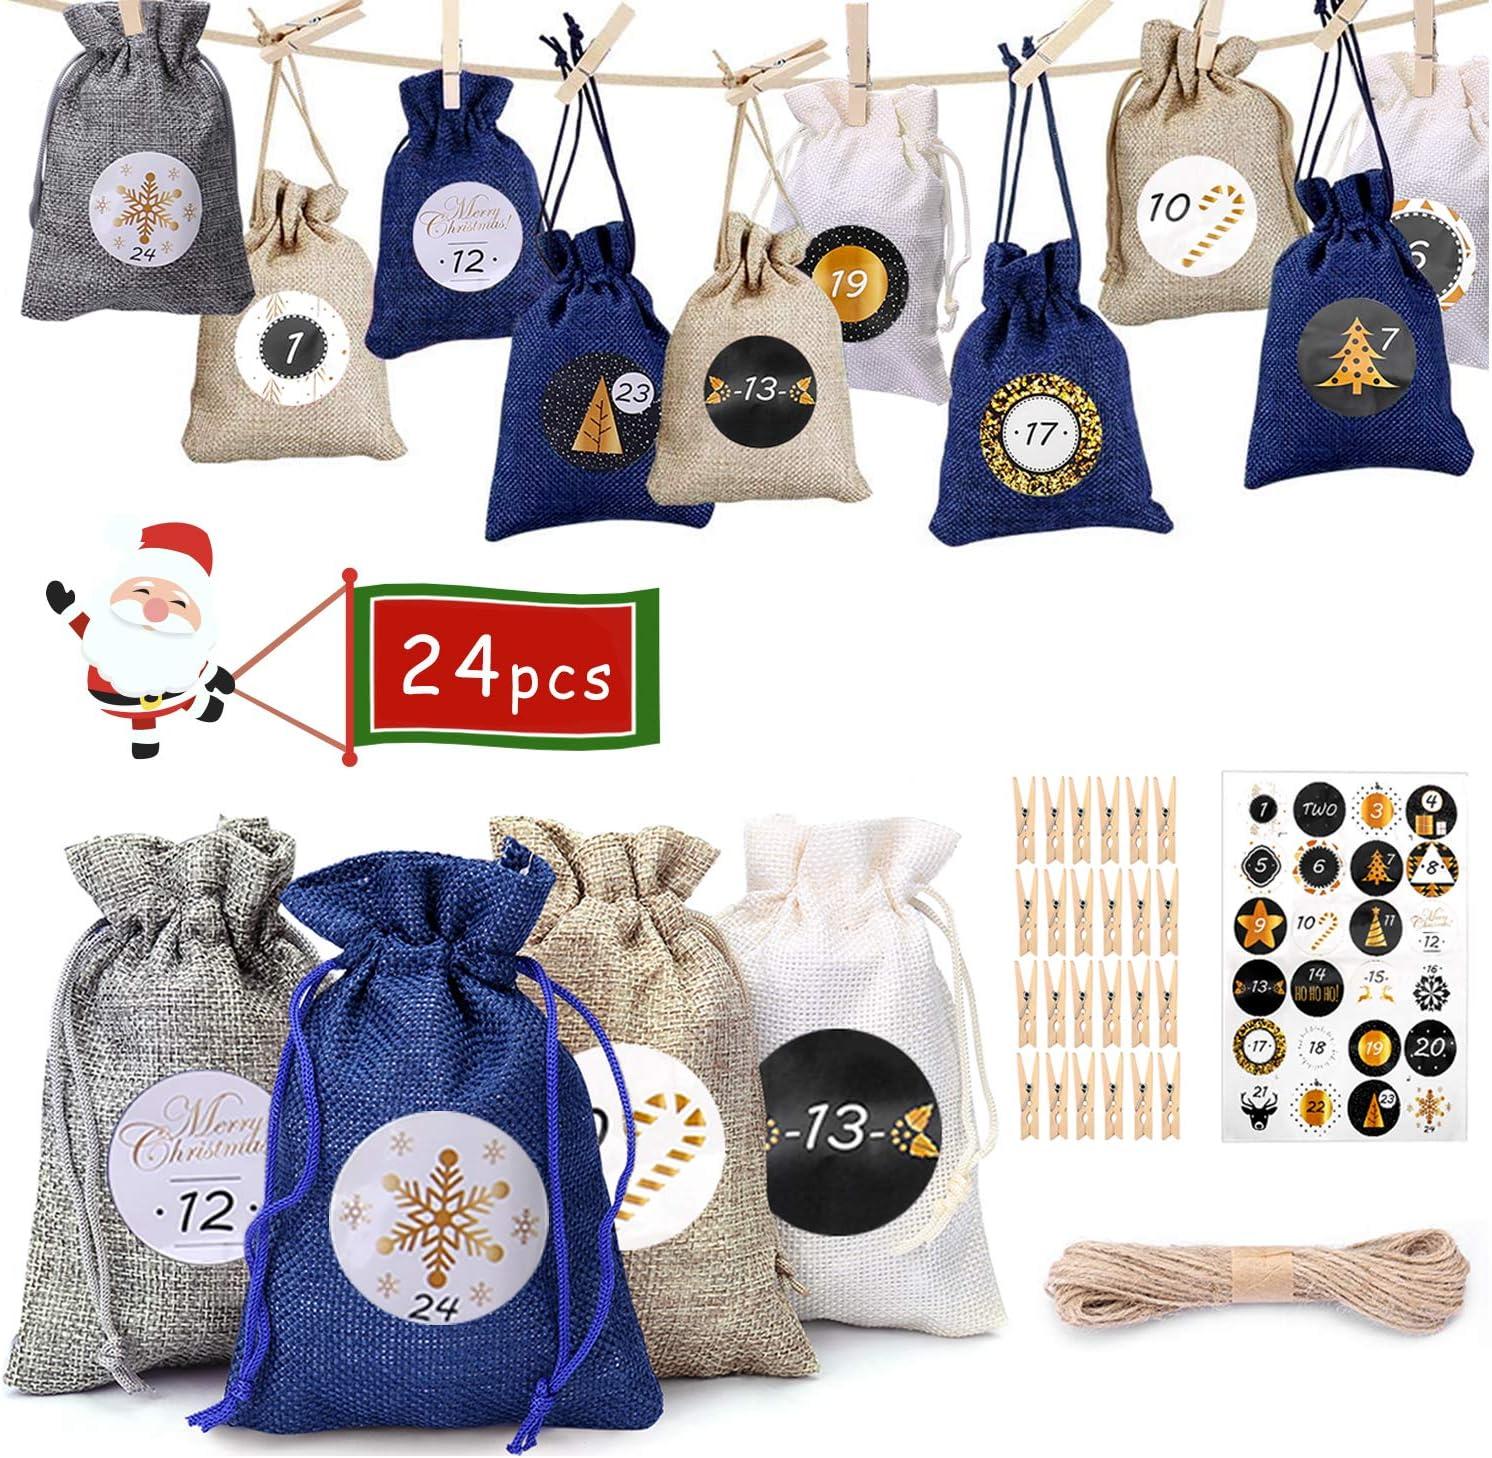 NewPI Adventskalender Zum Befüllen Kinder, Weihnachtskalender Zum Befüllen, Adventskalender Säckchen, Geschenksäckchen, Zahlen-Aufklebern 24 Pcs. (Azul)